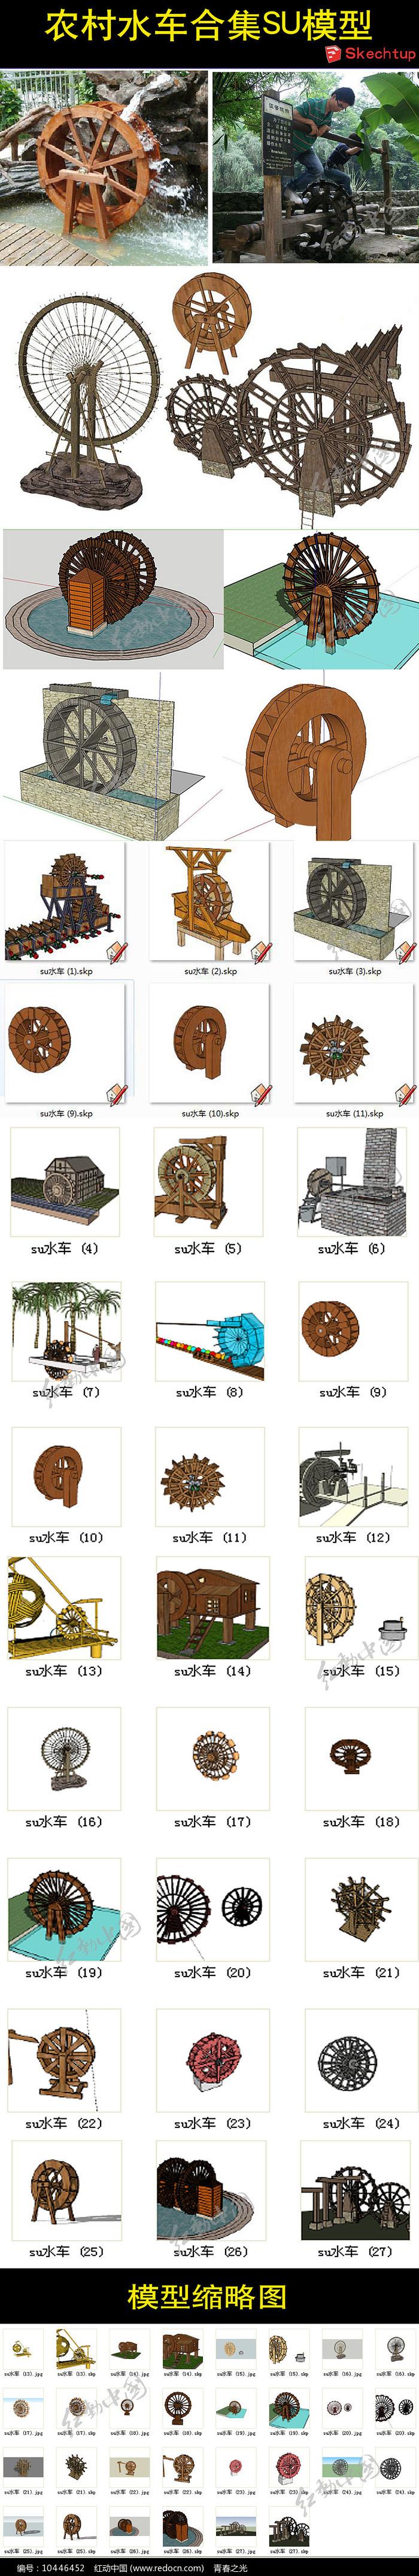 农村水车合集SU模型图片